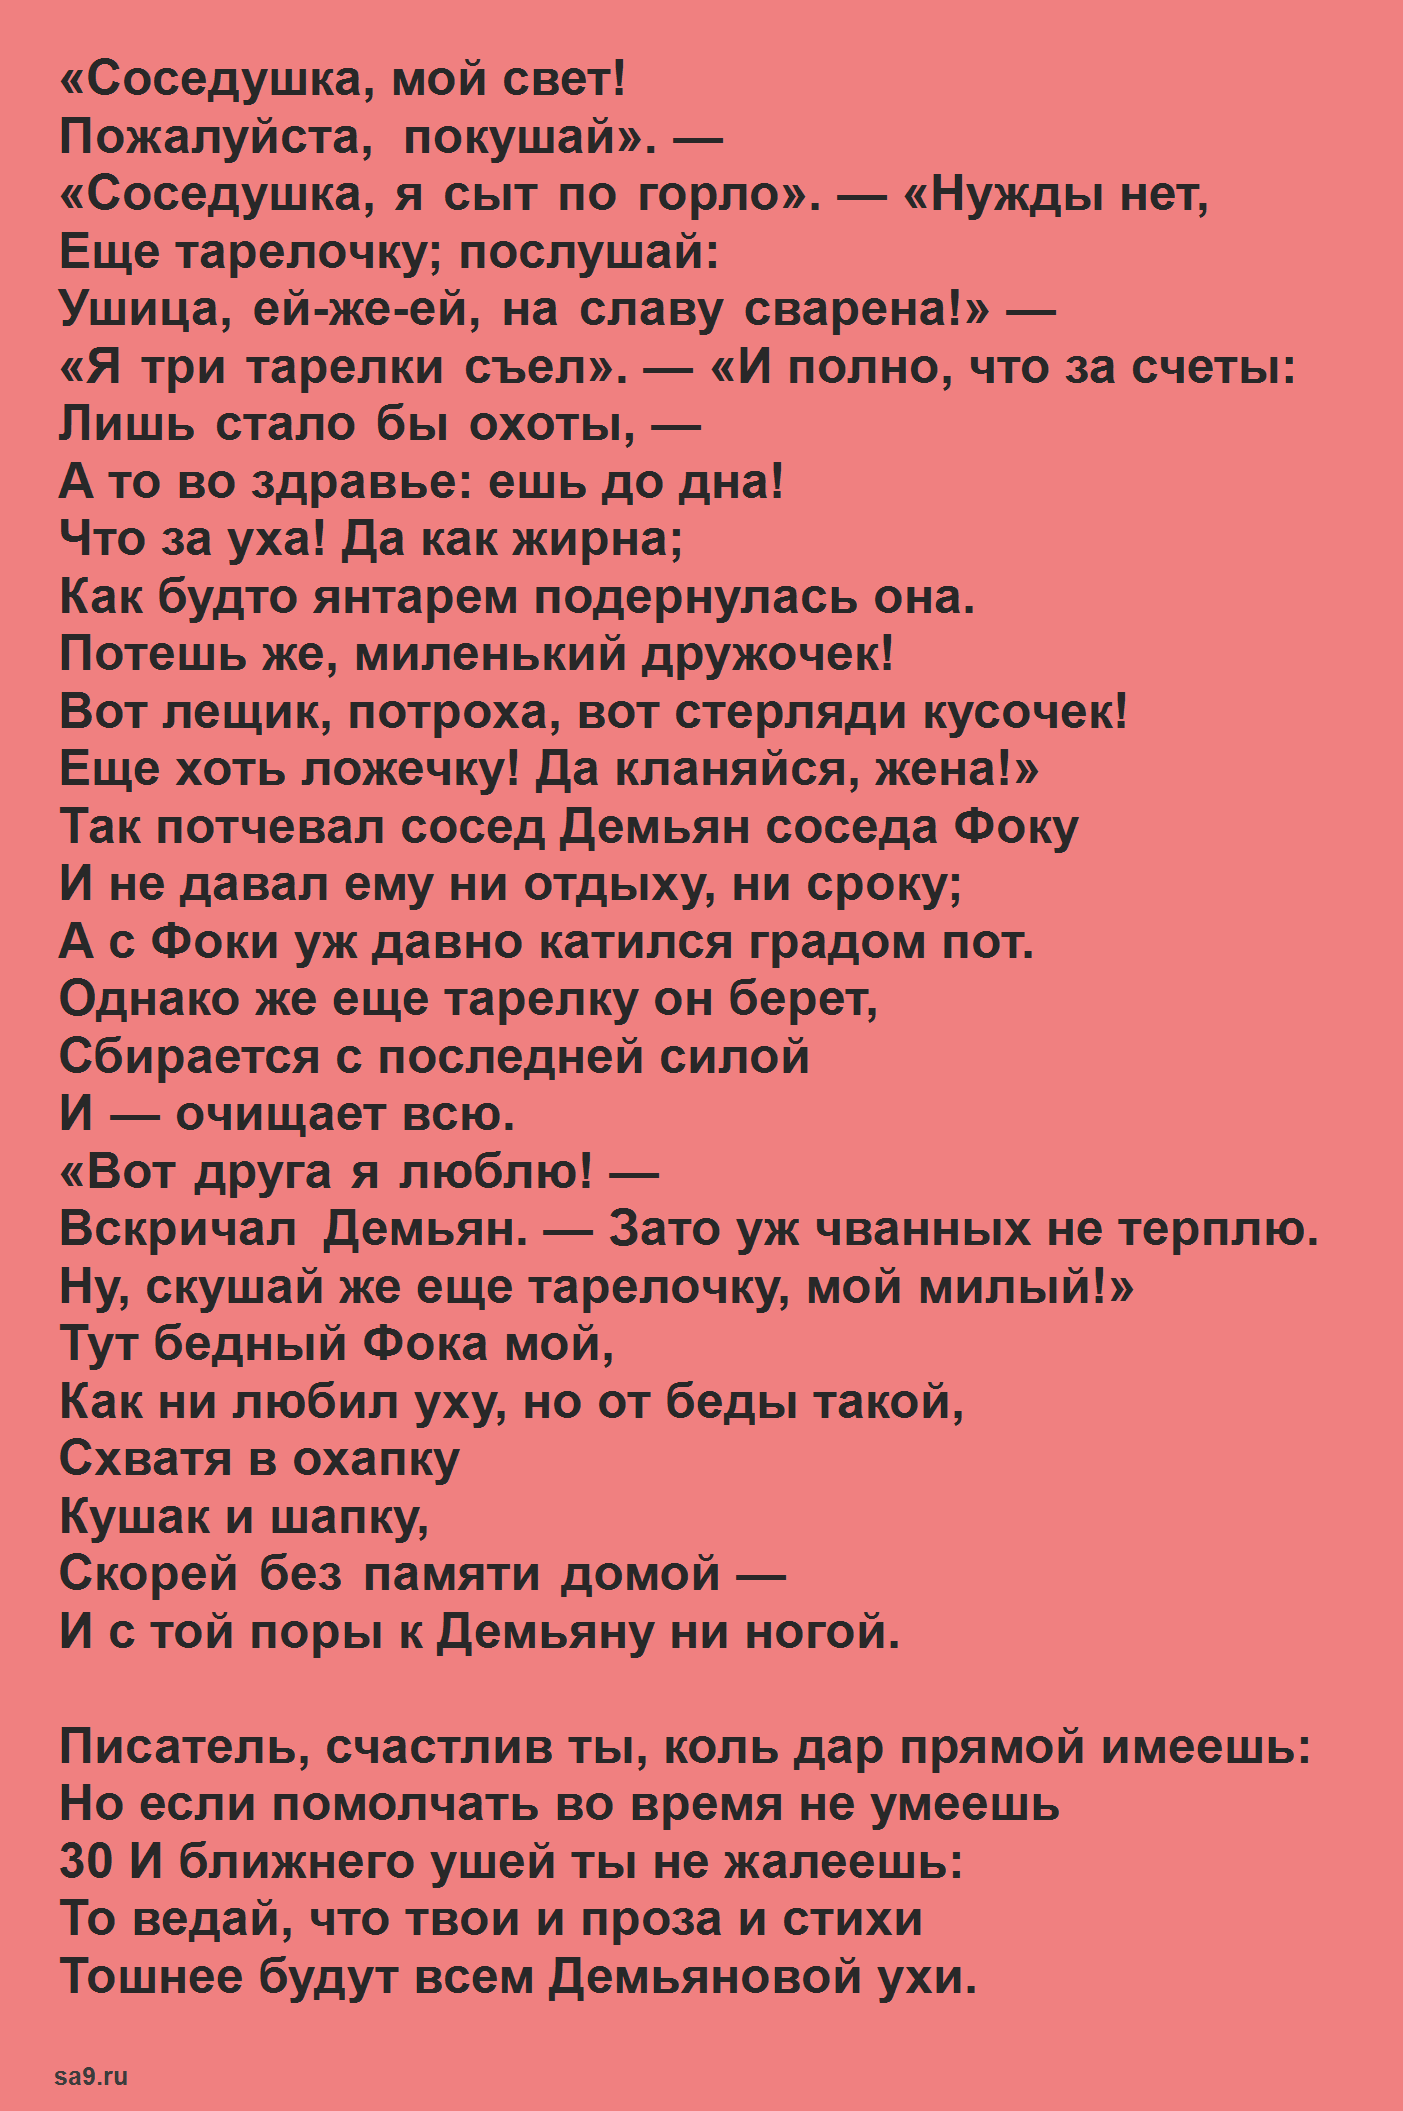 Басня Крылова 'Демьянова уха', читать текст басни полностью